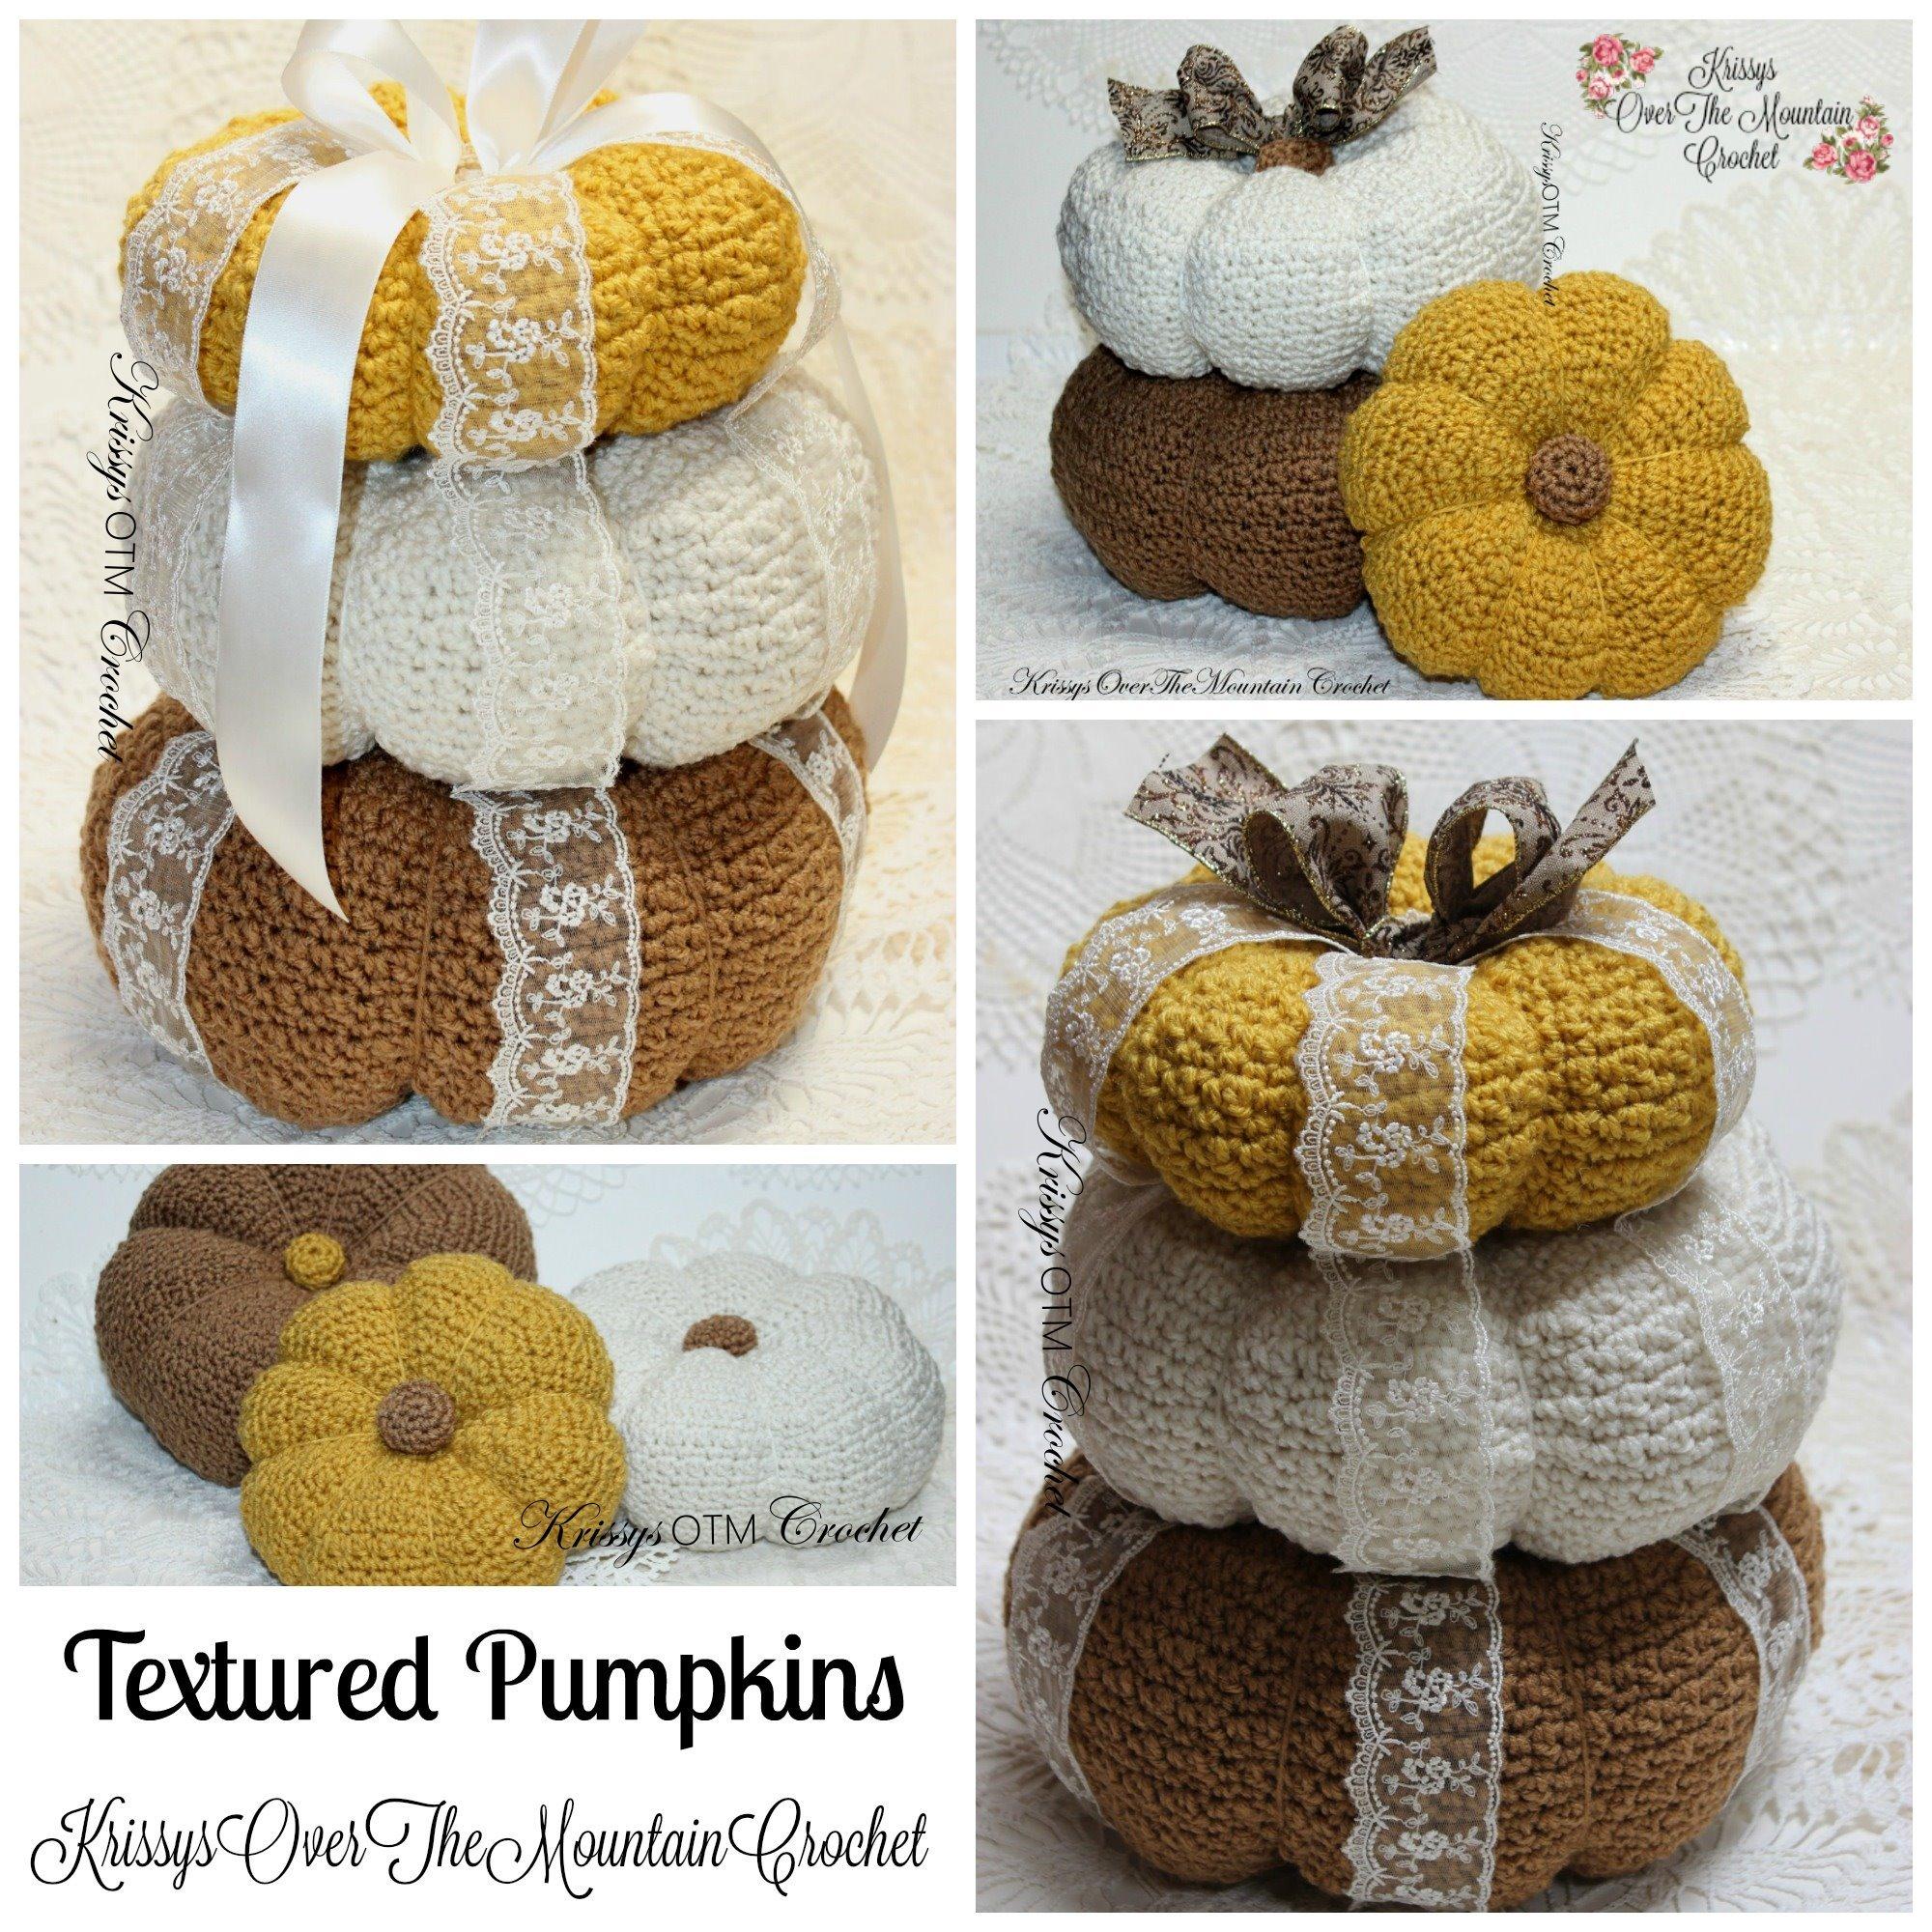 Textured Pumpkins